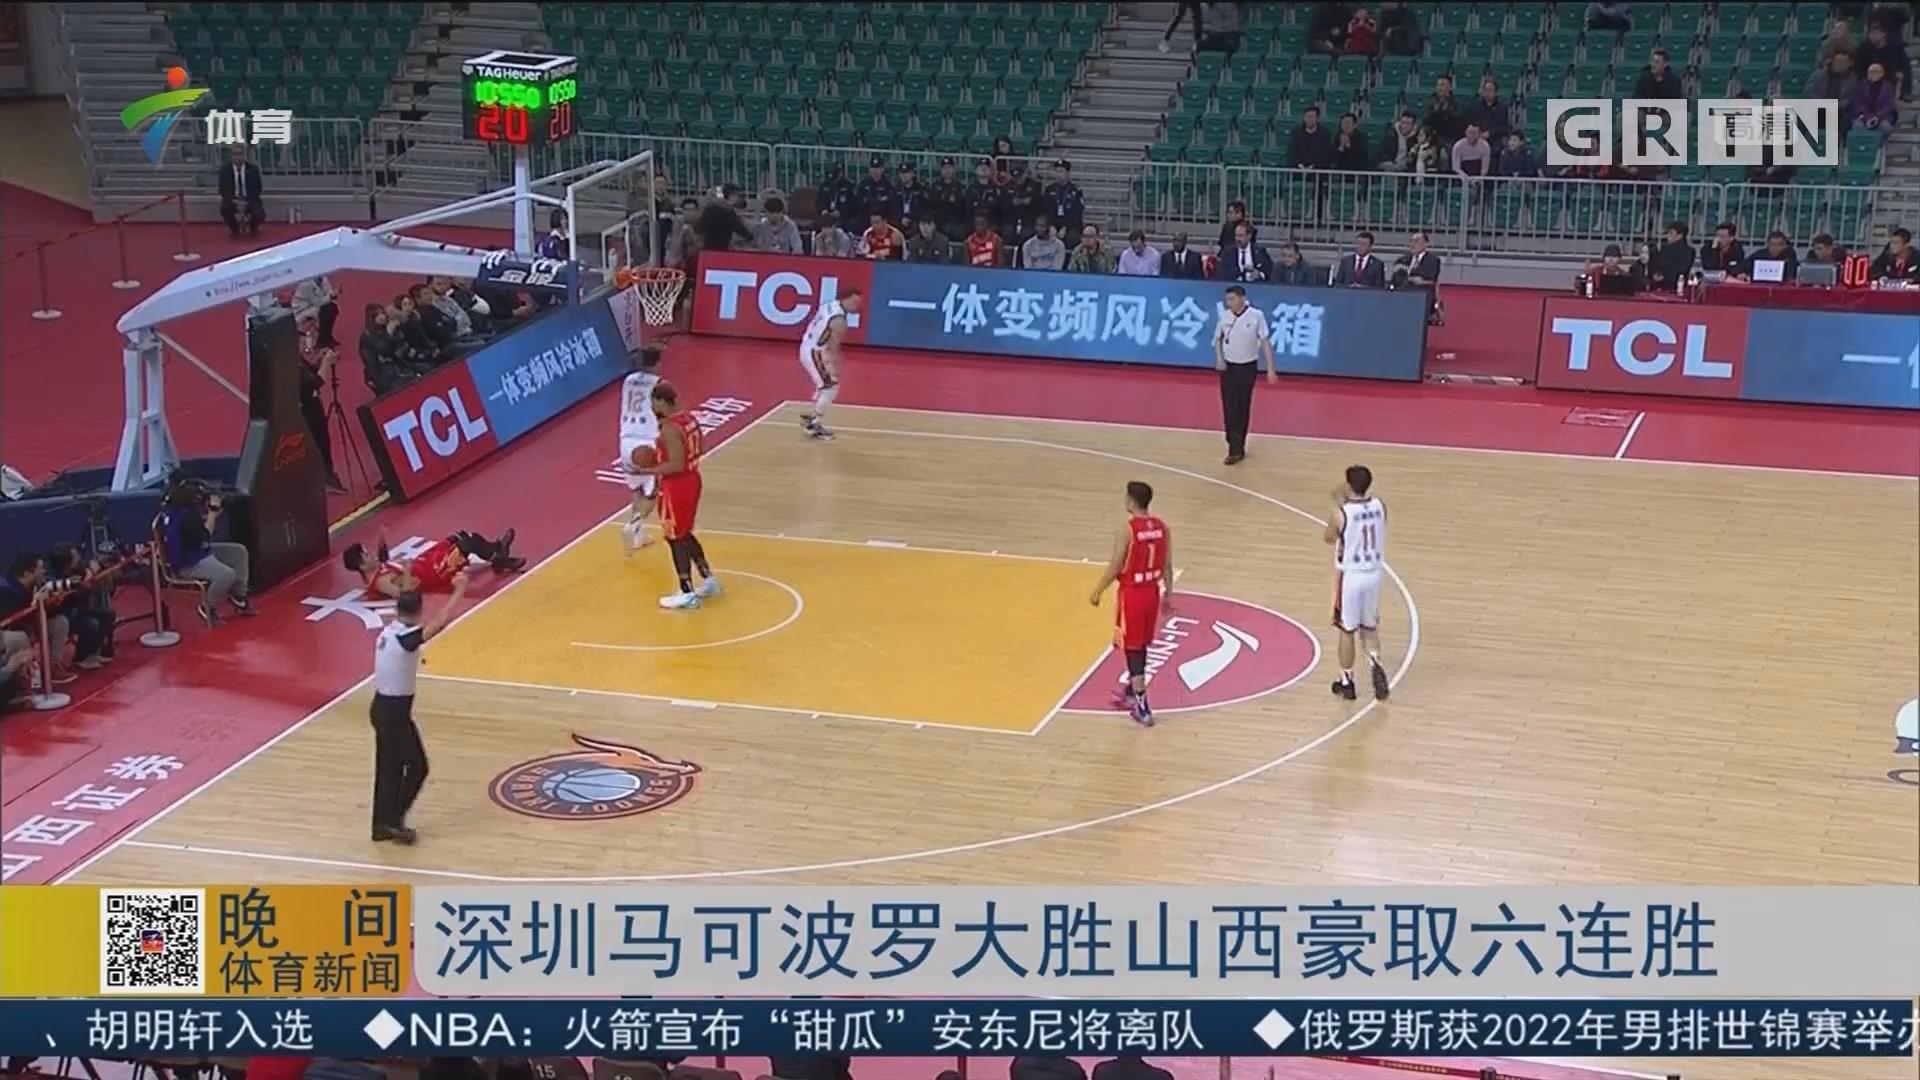 深圳马可波罗大胜山西豪取六连胜